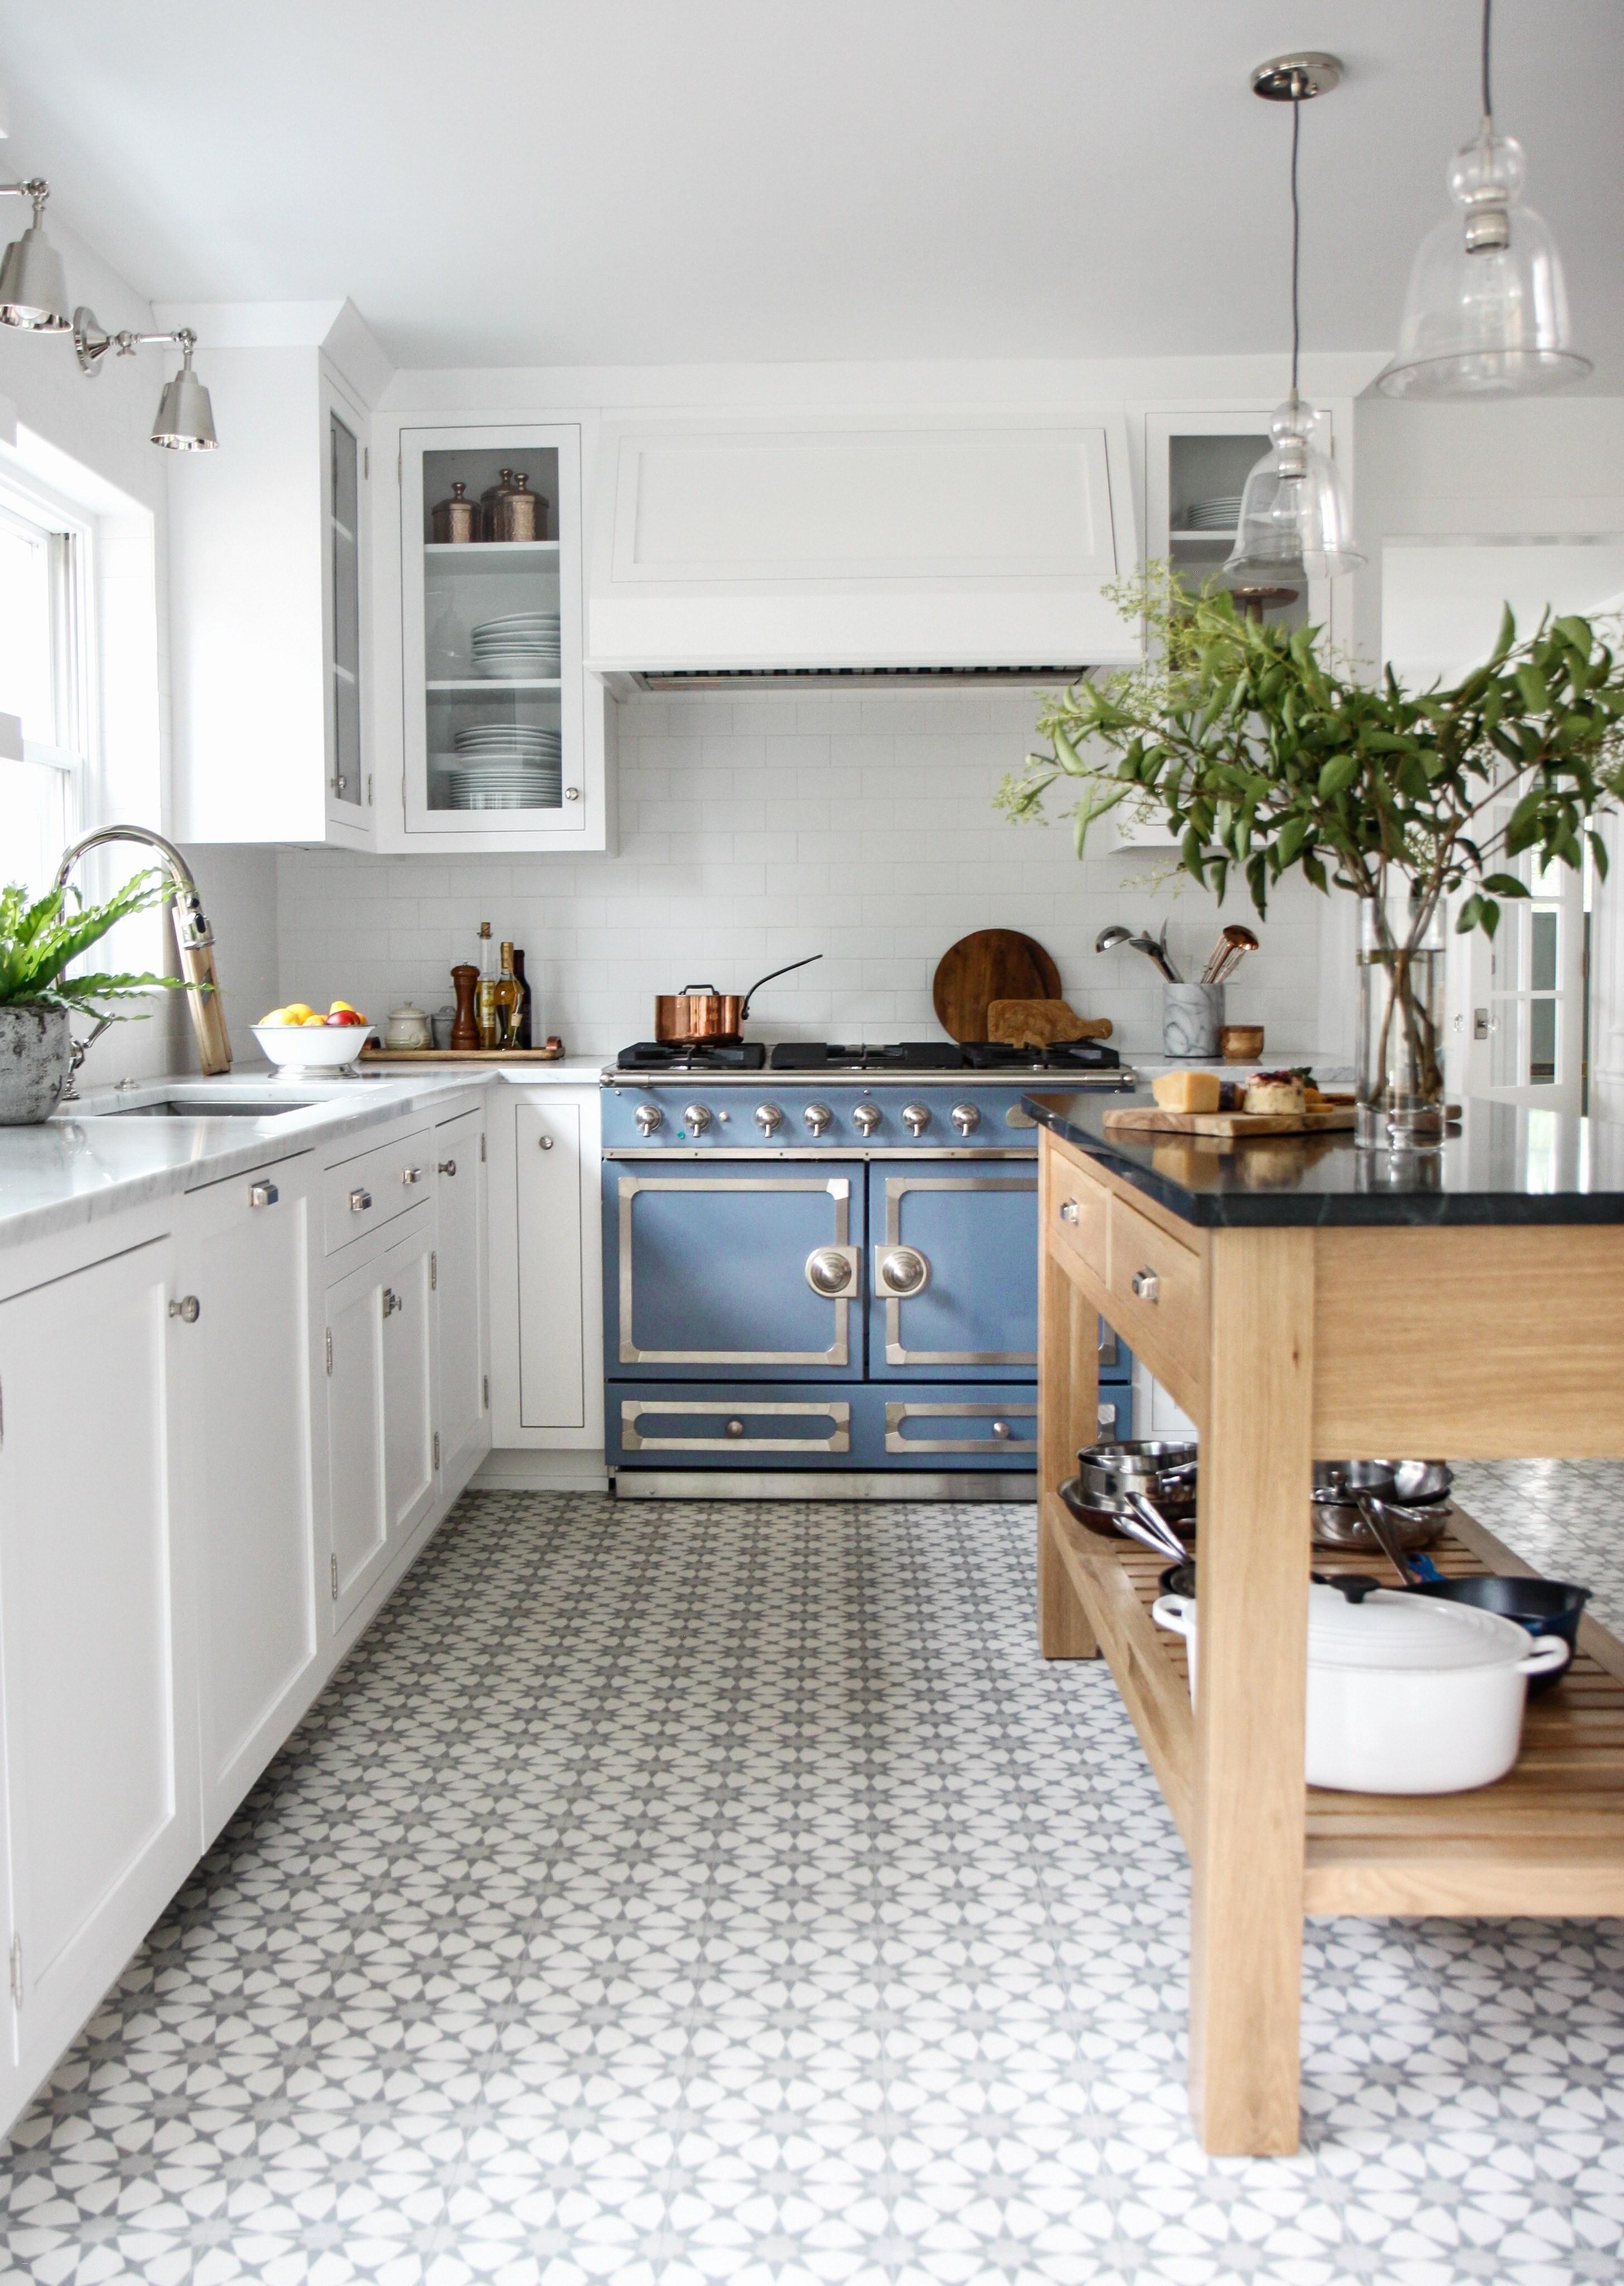 gray hardwood floor ideas of kitchen grey floors white cabinets fresh white kitchen light within kitchen grey floors white cabinets best of 30 new kitchen floor tile ideas trinitycountyfoodbank of kitchen